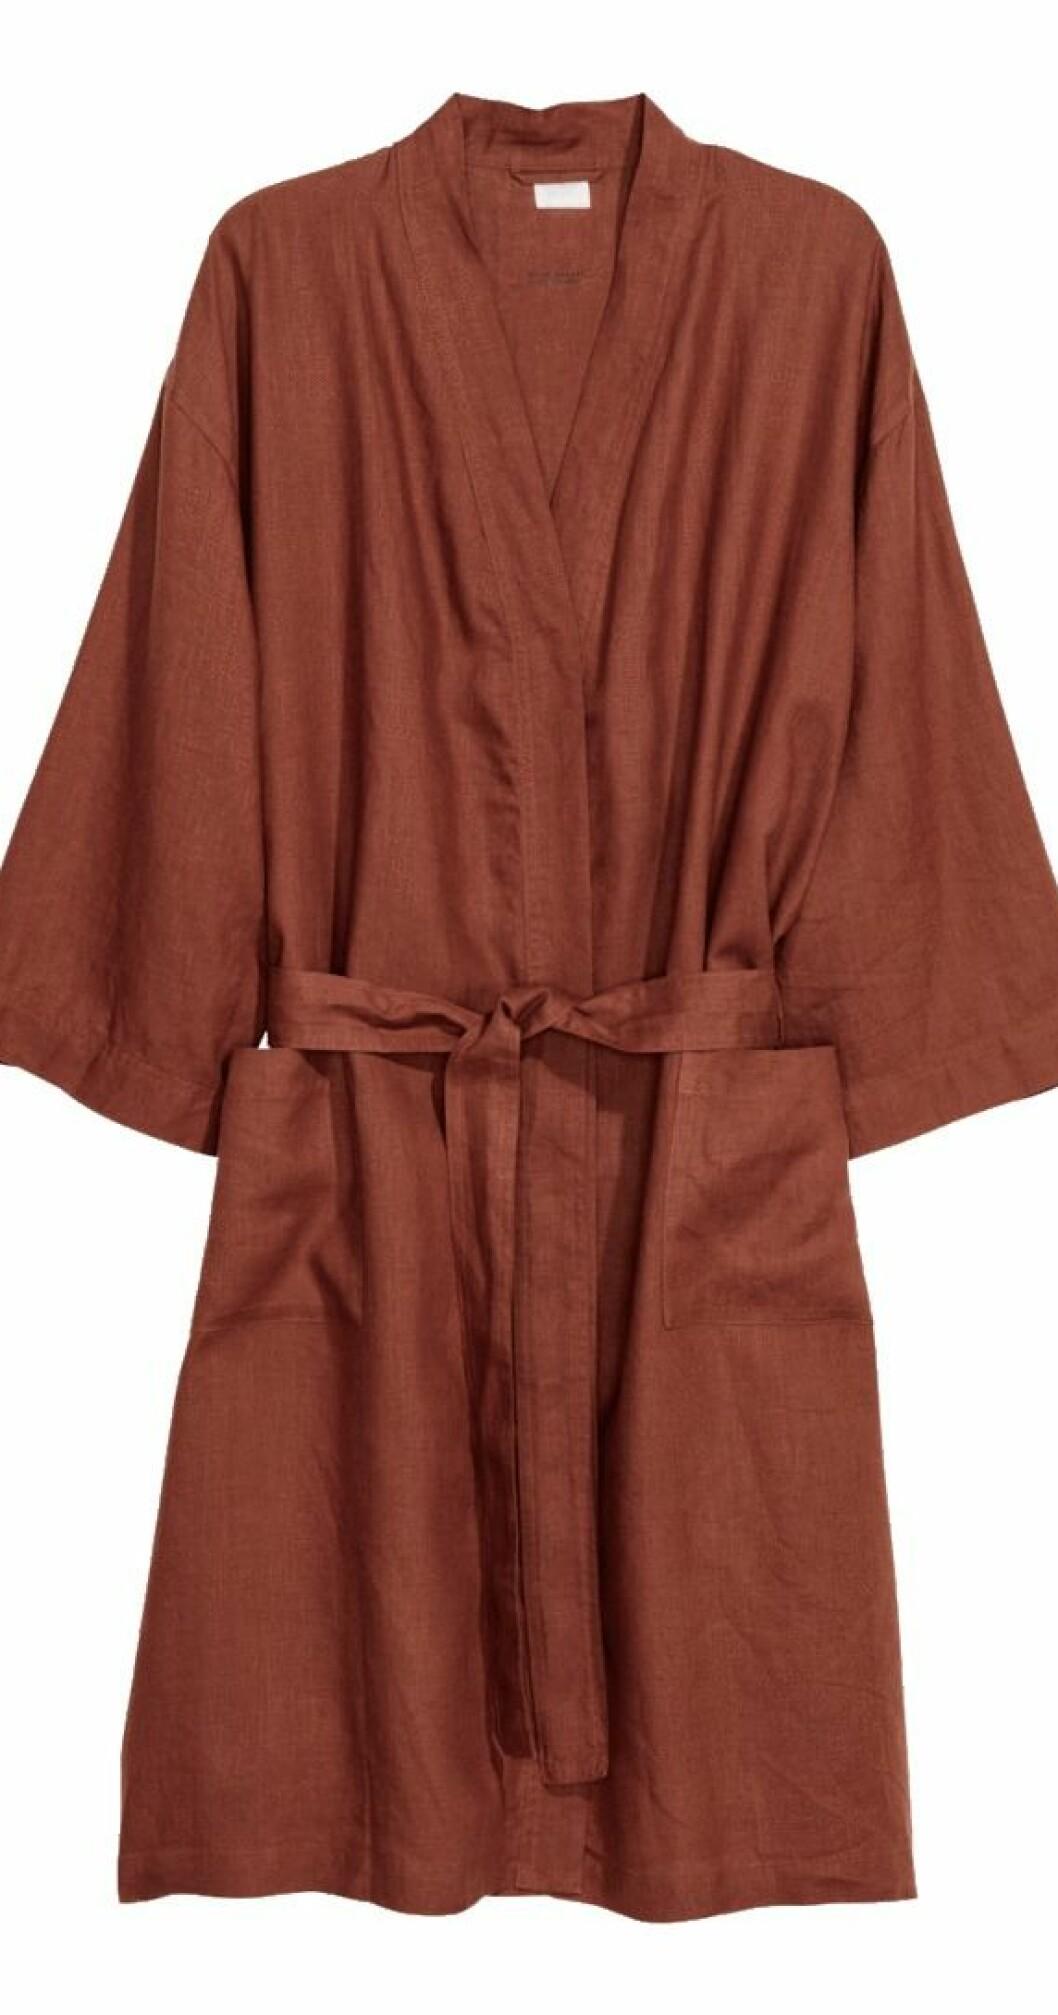 Morgonrock i tvättat linne från H&M Home